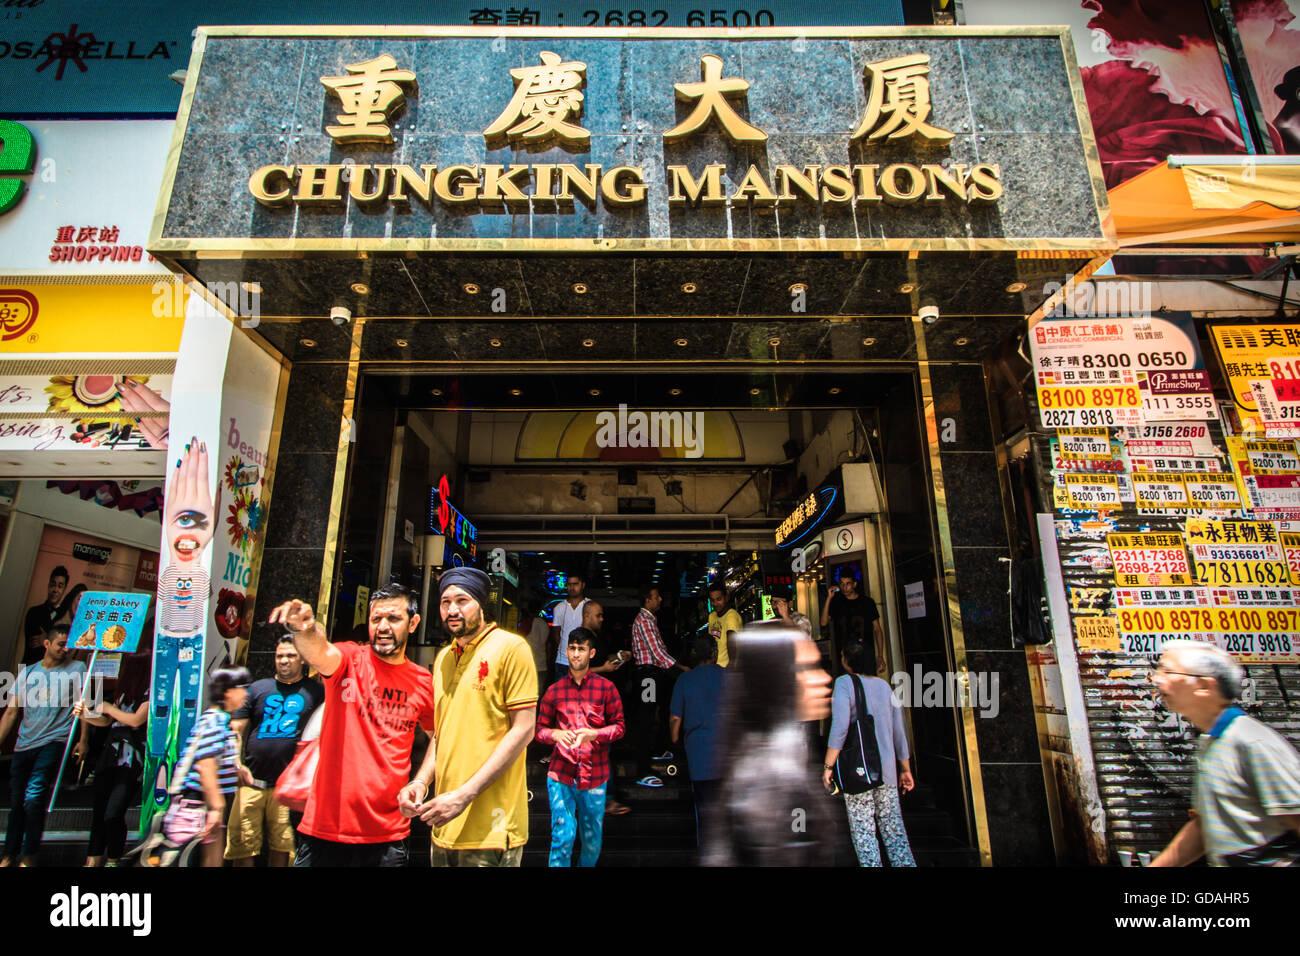 Chungking Mansions Entrance, Hong Kong Stock Photo